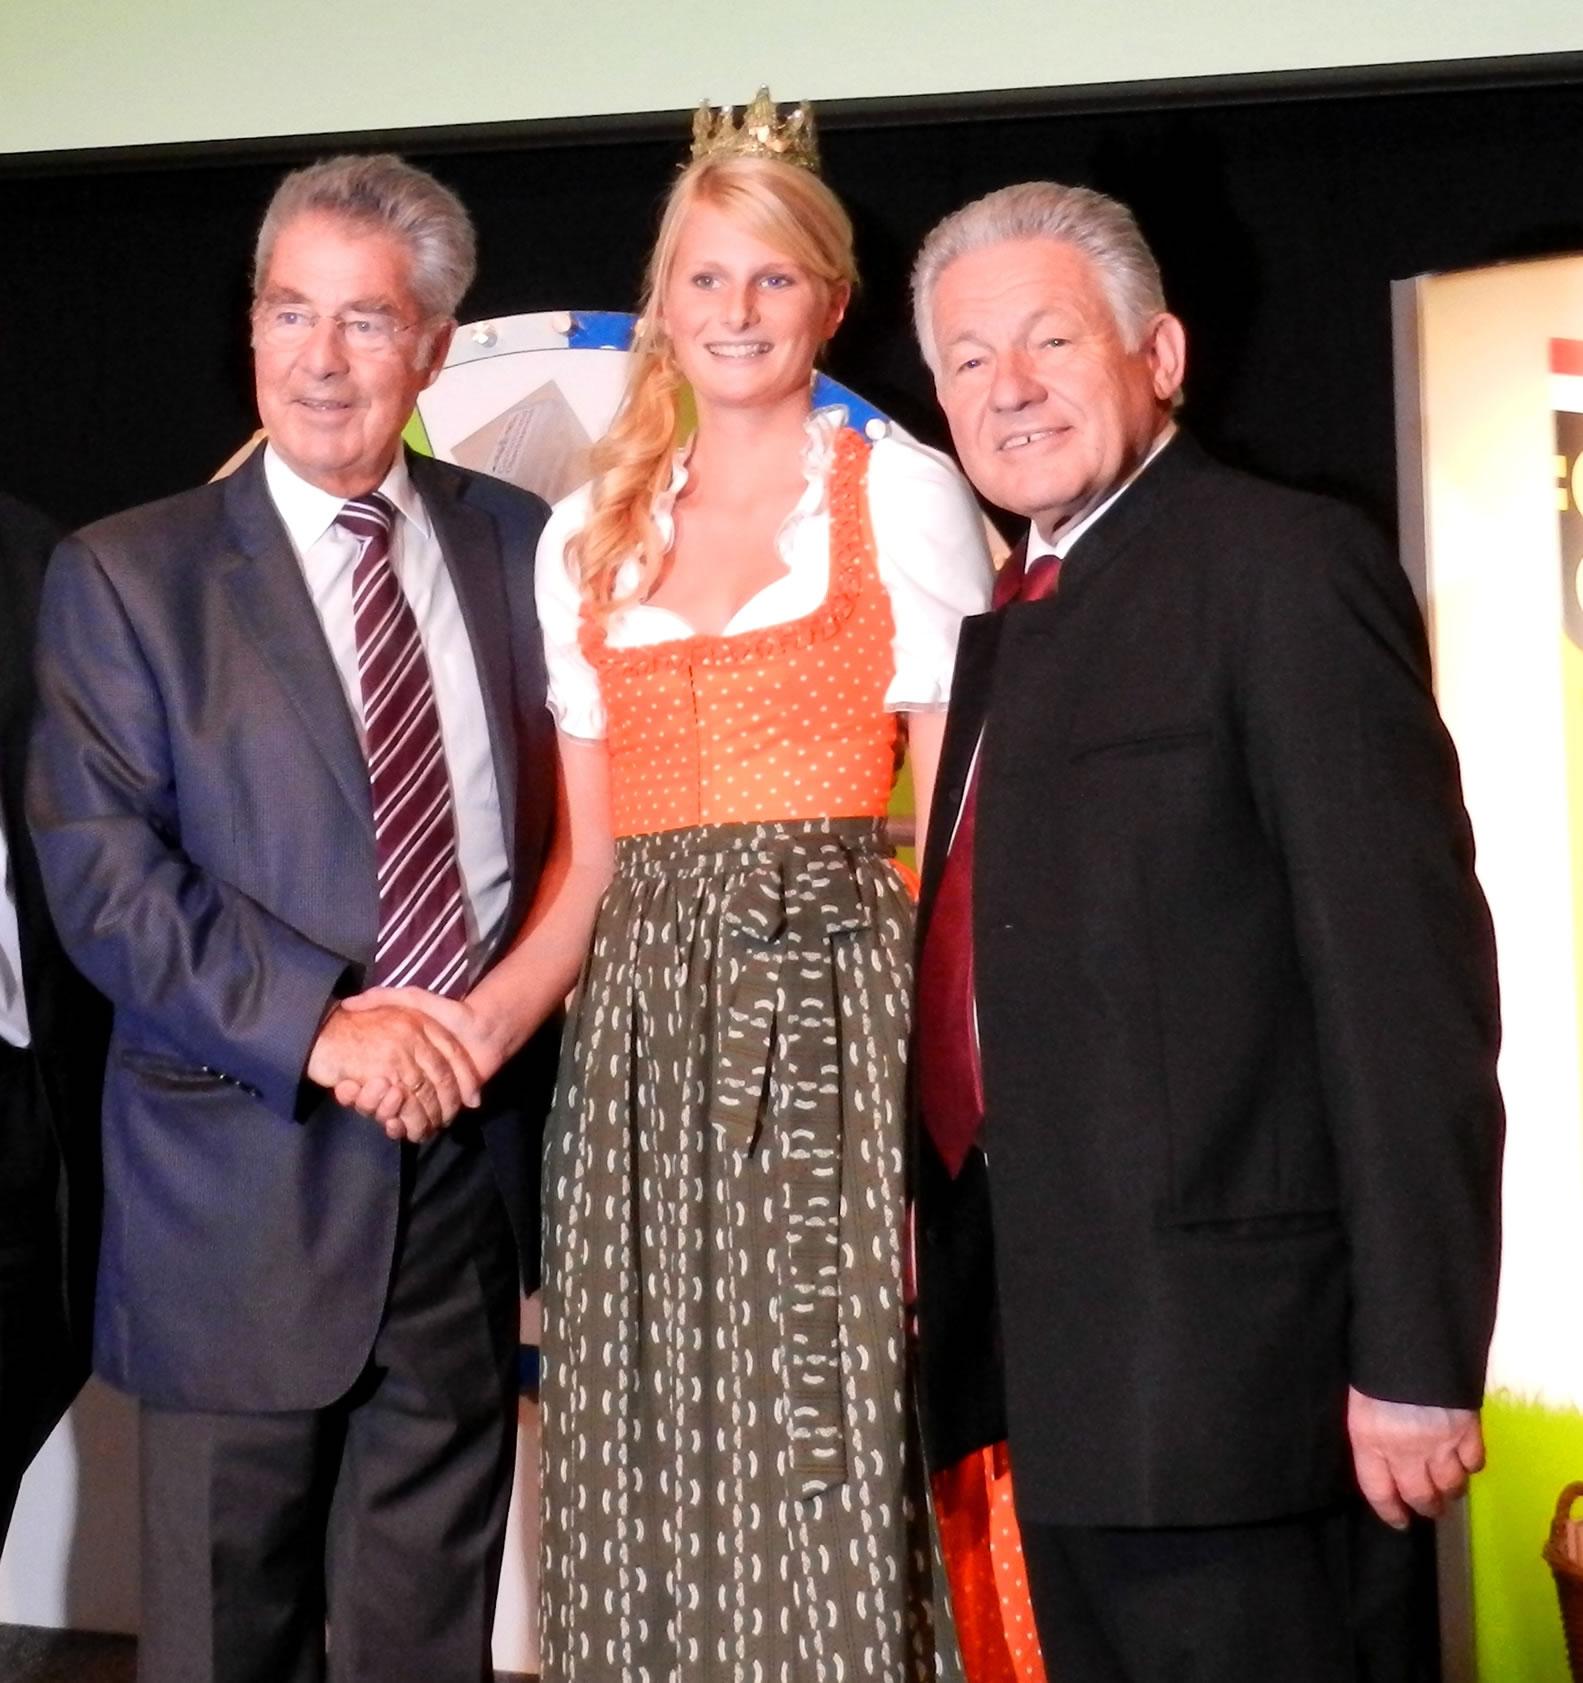 Isabella mit Bundespräsident und LH